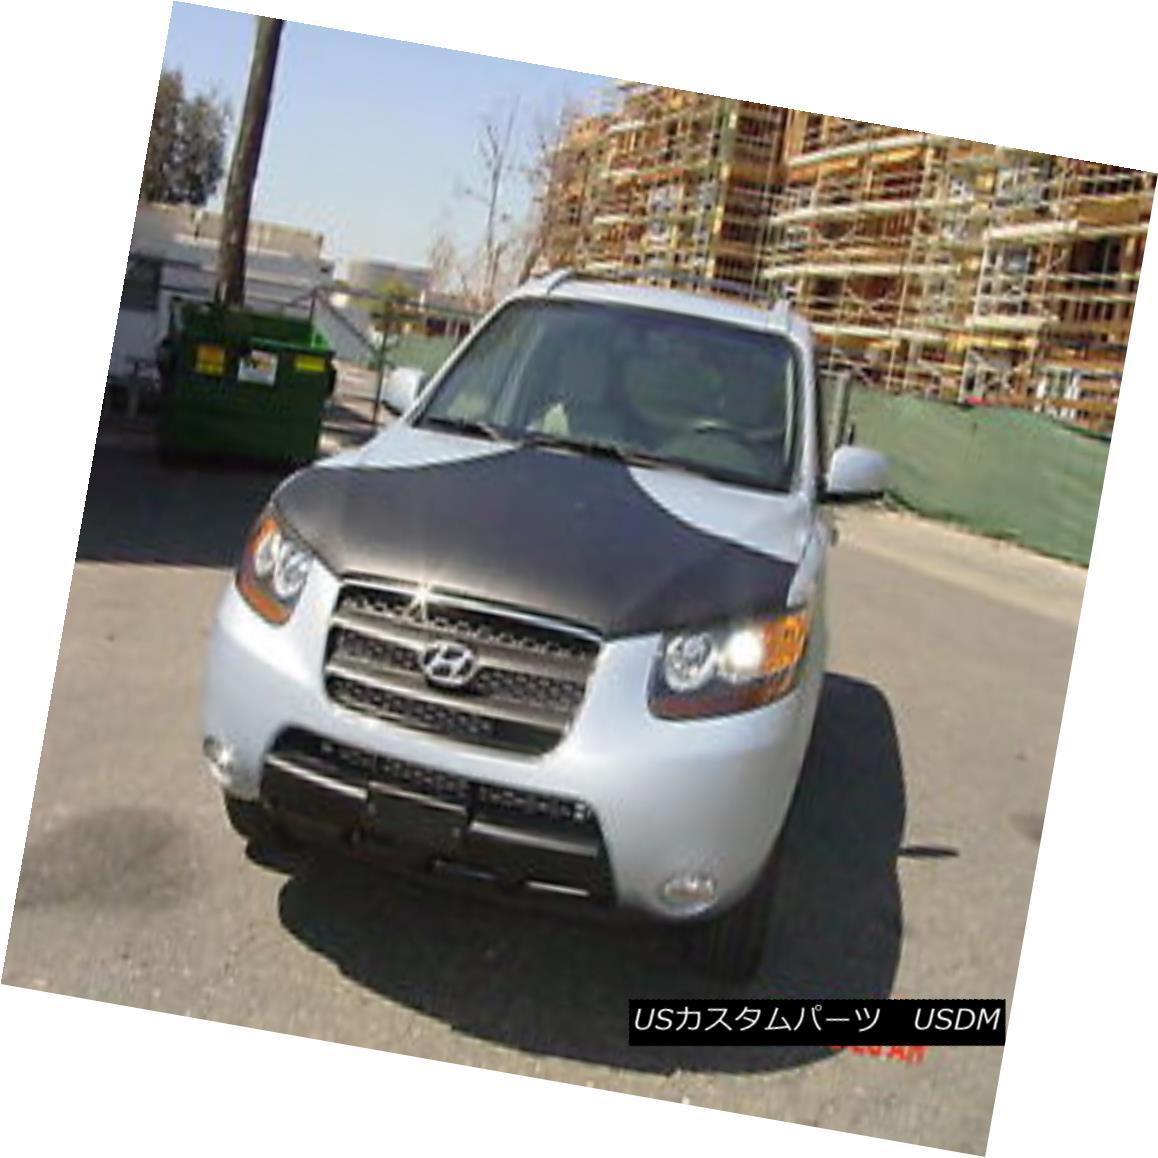 フルブラ ノーズブラ Colgan T-Style Hood Bra Mask Fits Hyundai Santa Fe 2007-2009 現代サンタフェ2007-2009にフィットするコルガンT型フードブラジャーマスク